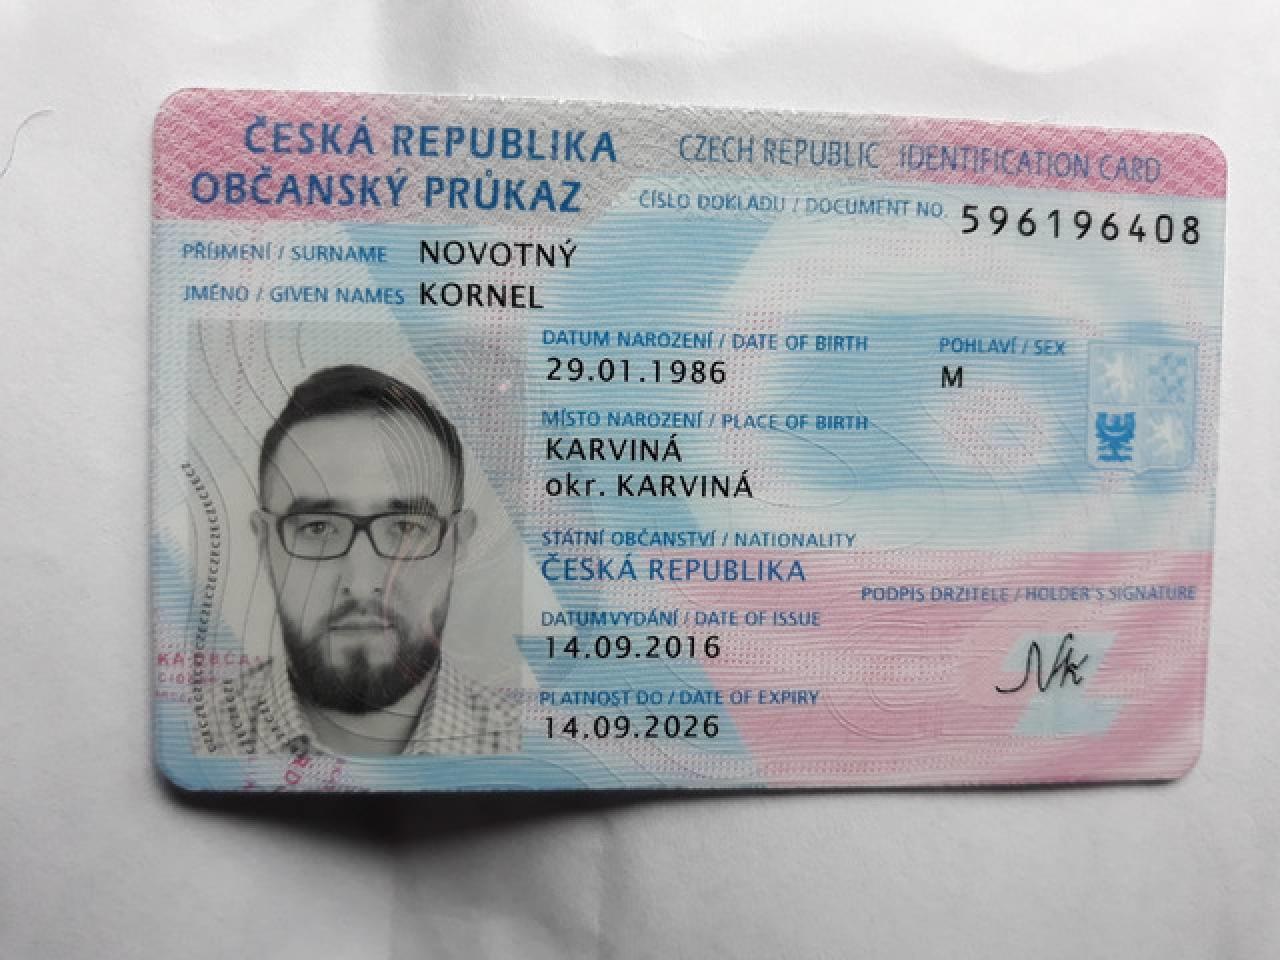 Изготовление европейских ID card - 4